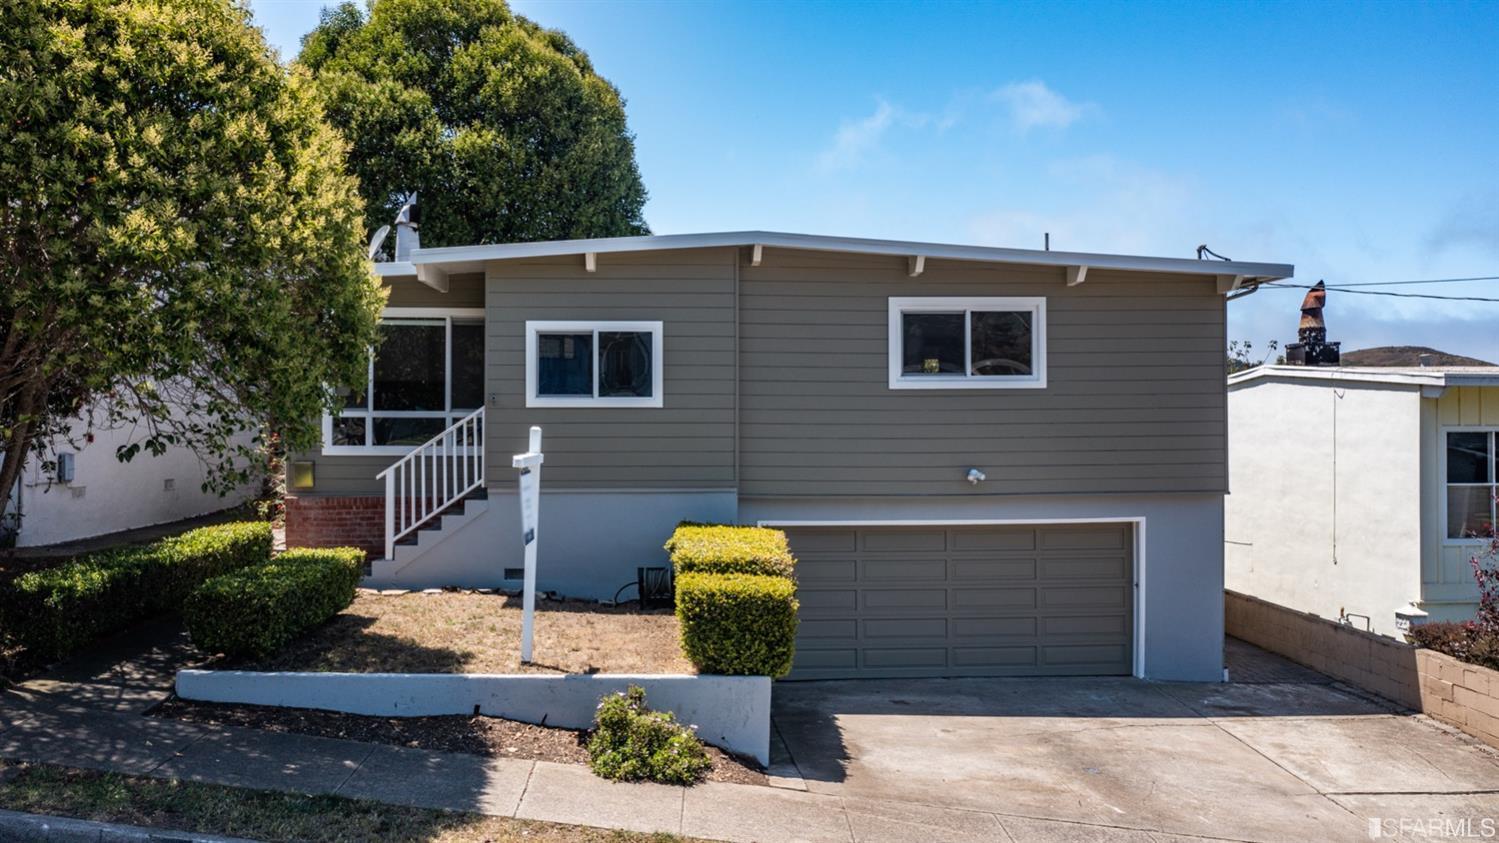 Photo of 238 Hillside Drive, Pacifica, CA 94044